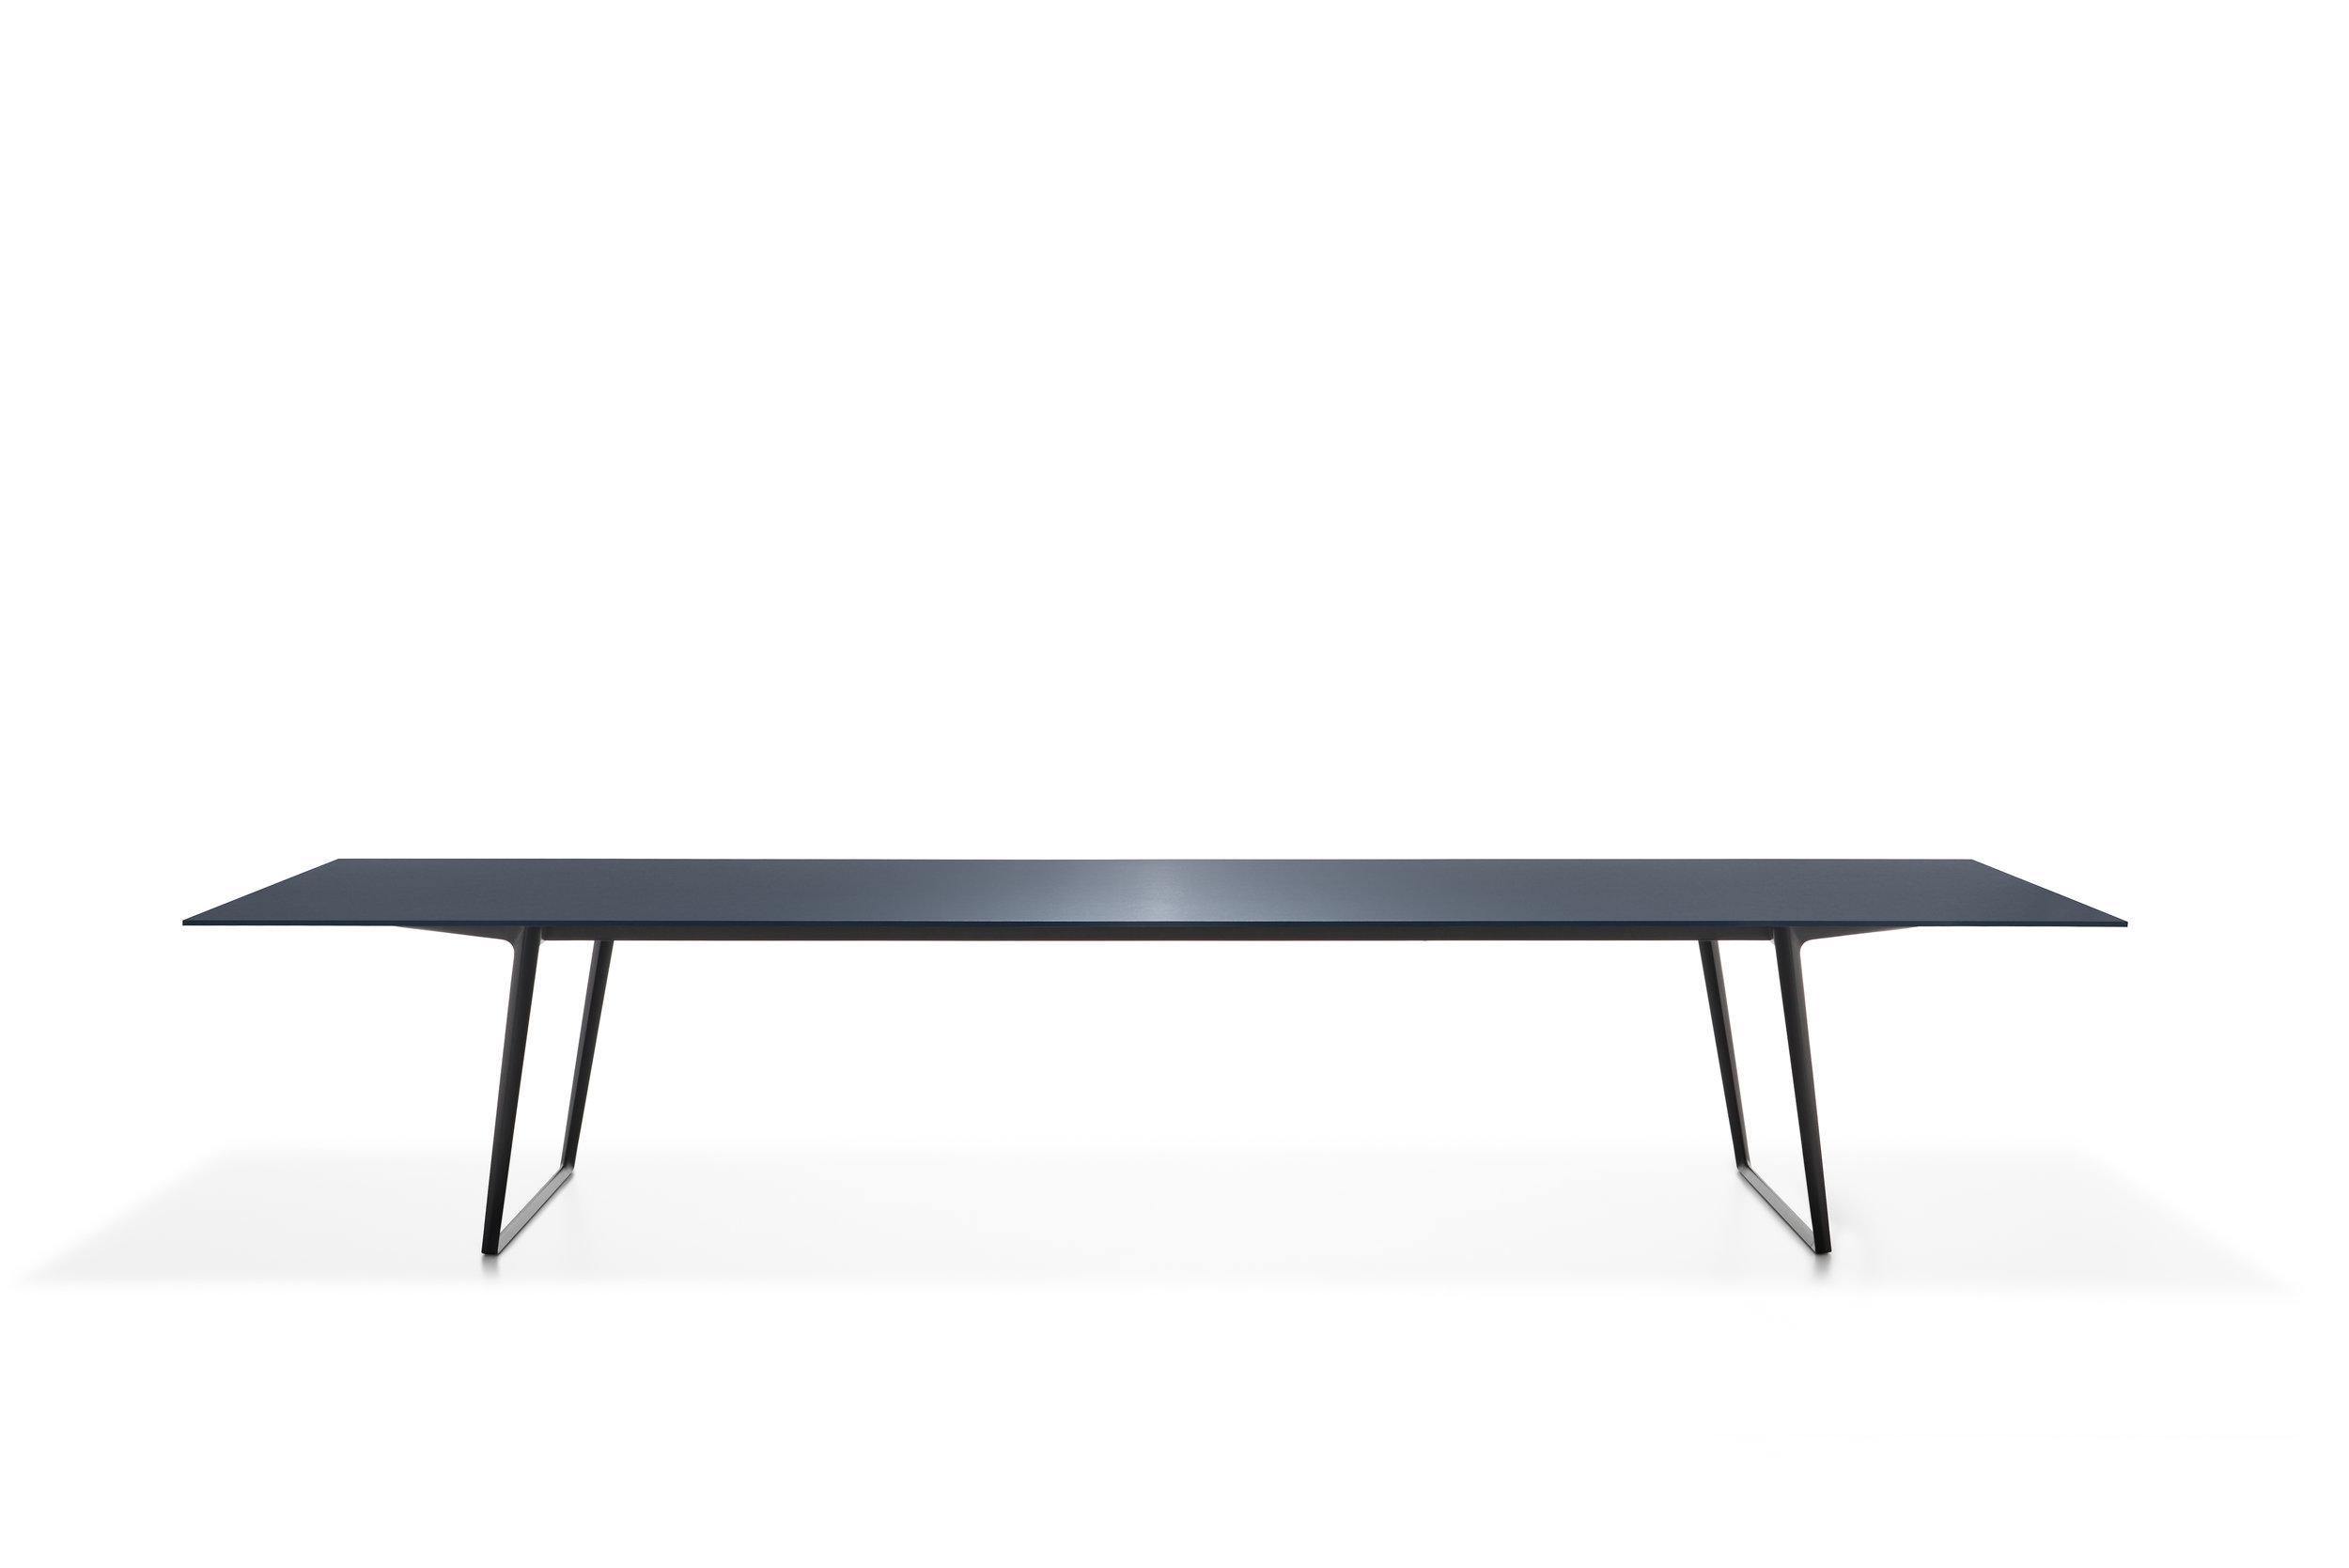 Axy MDF Italie bij design meubelwinkel  in Leuven Hasselt Limburg Brabant Zoutleeuw  design tafel 1804_100_AX.jpg